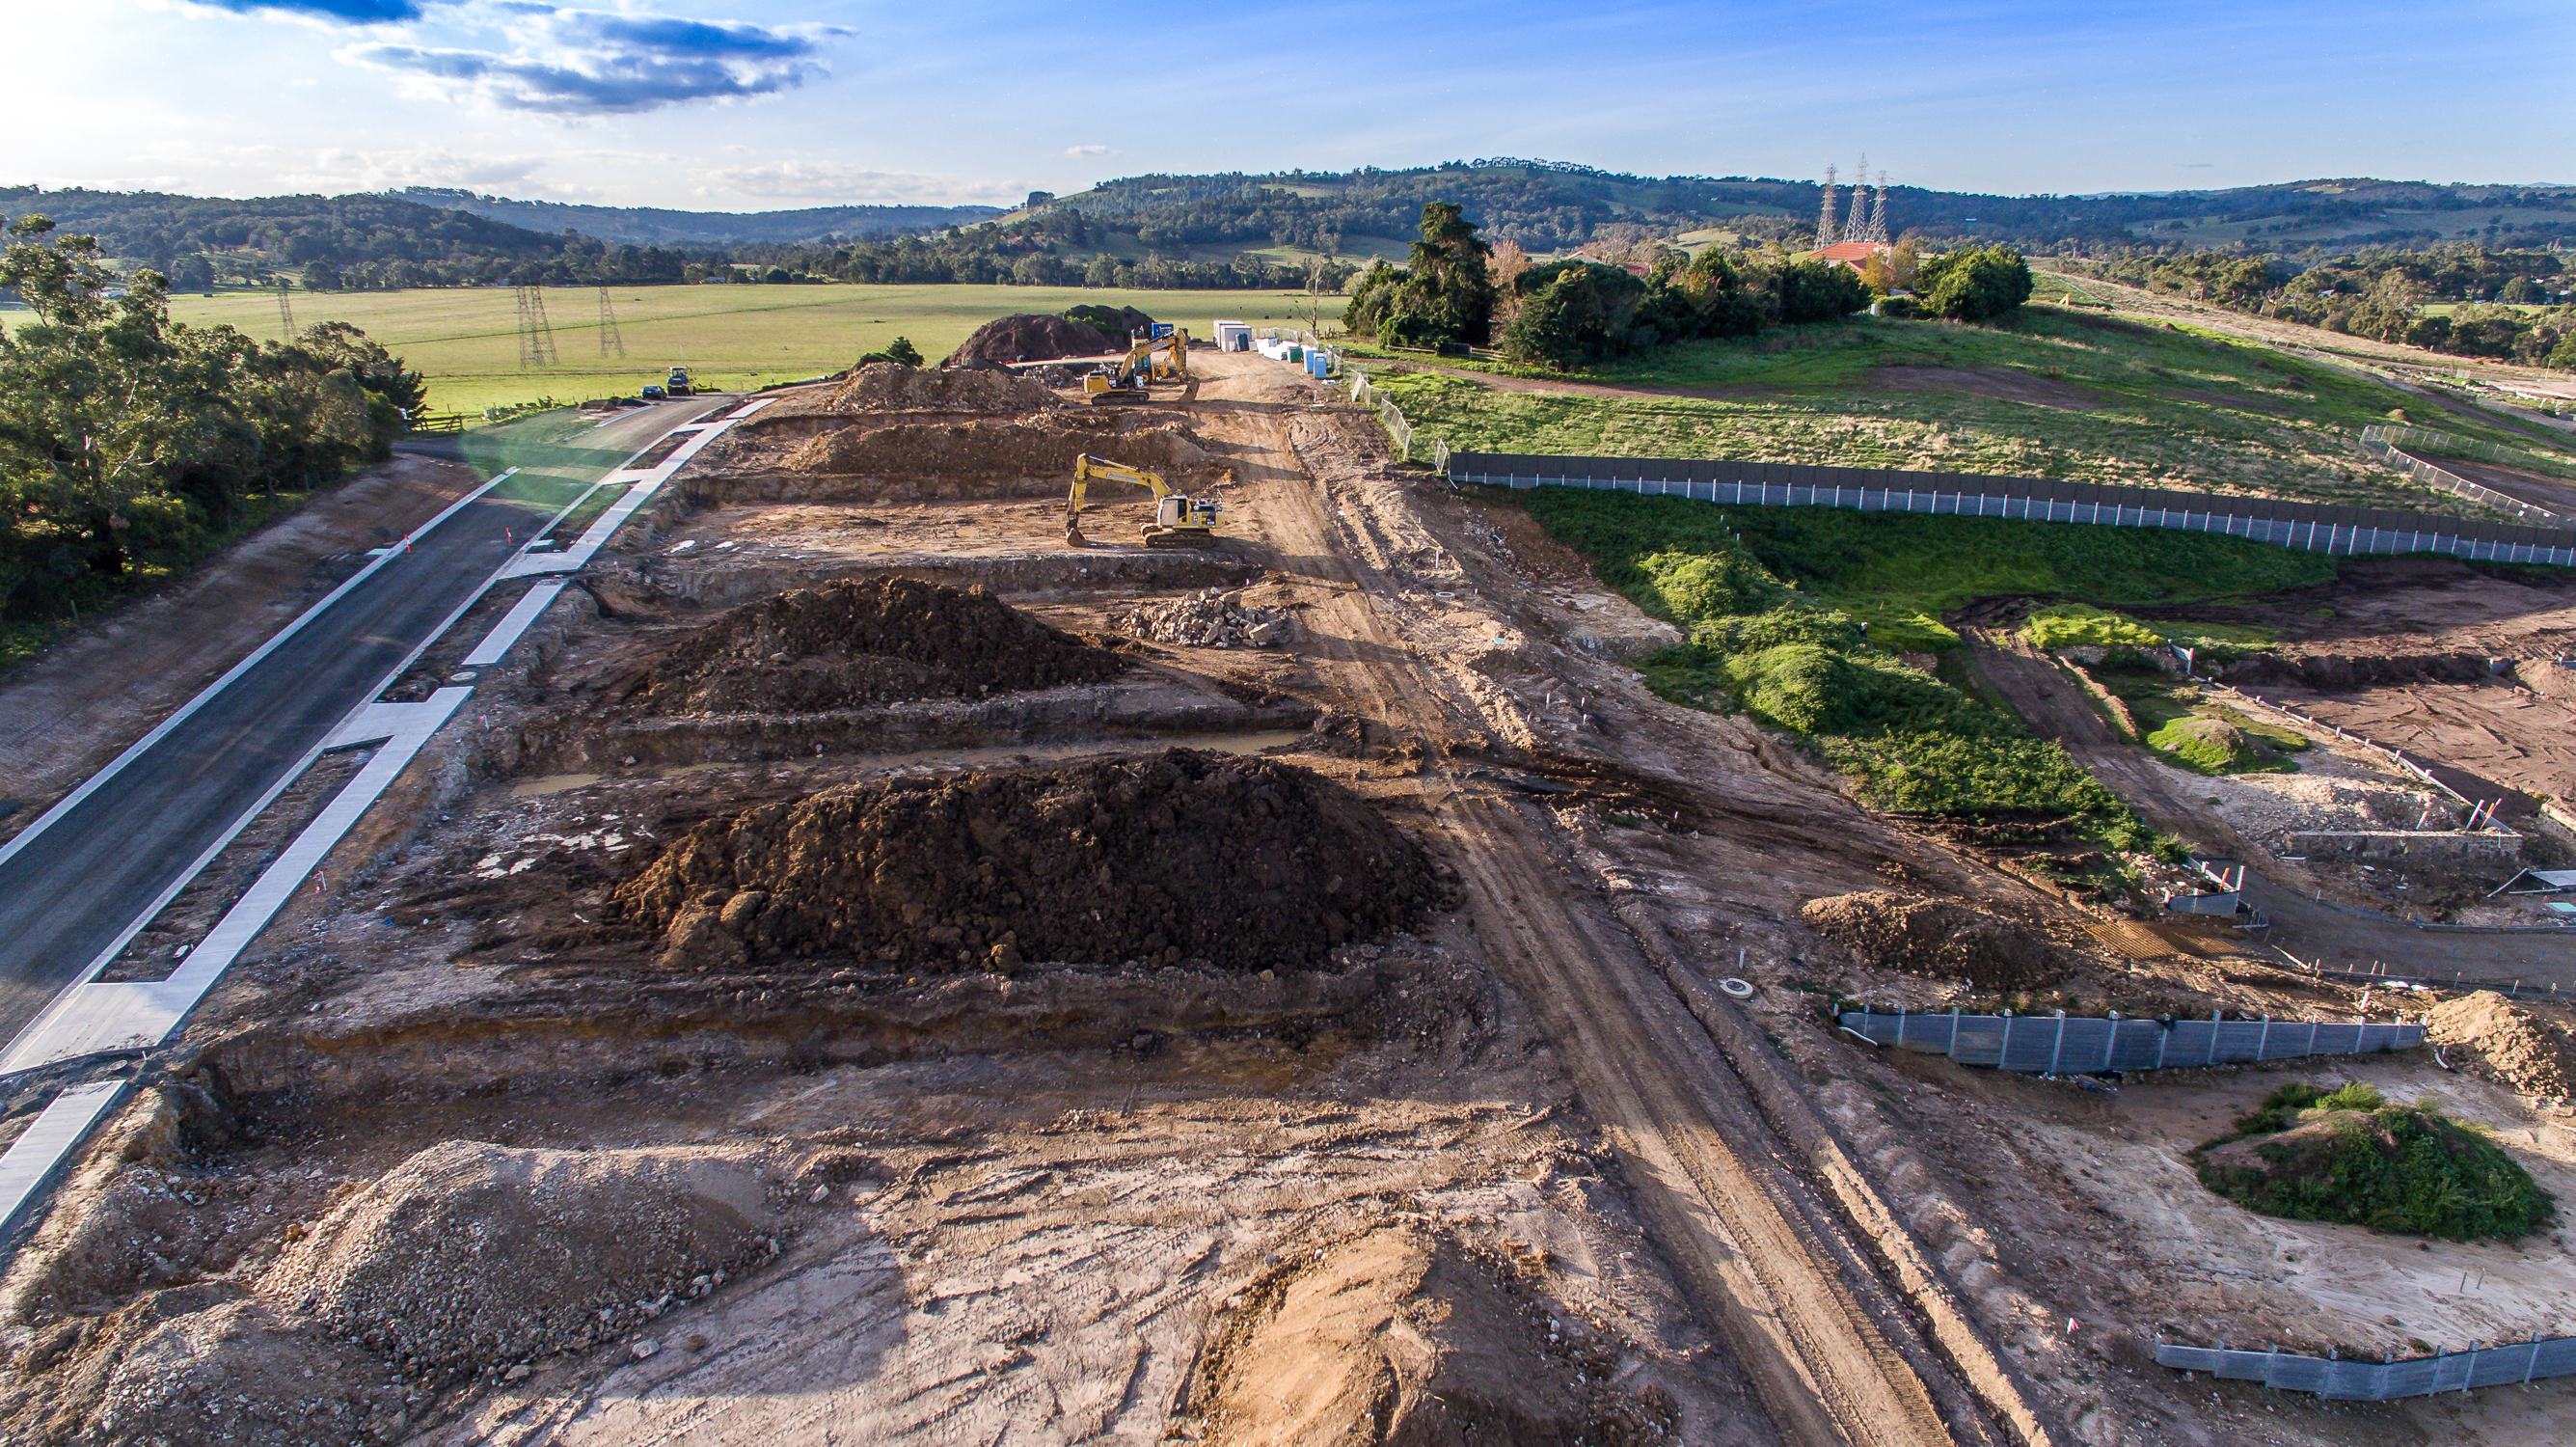 125 Mulcahy rd Pakenham Mnt Pleasant Construction Update May 2020 4